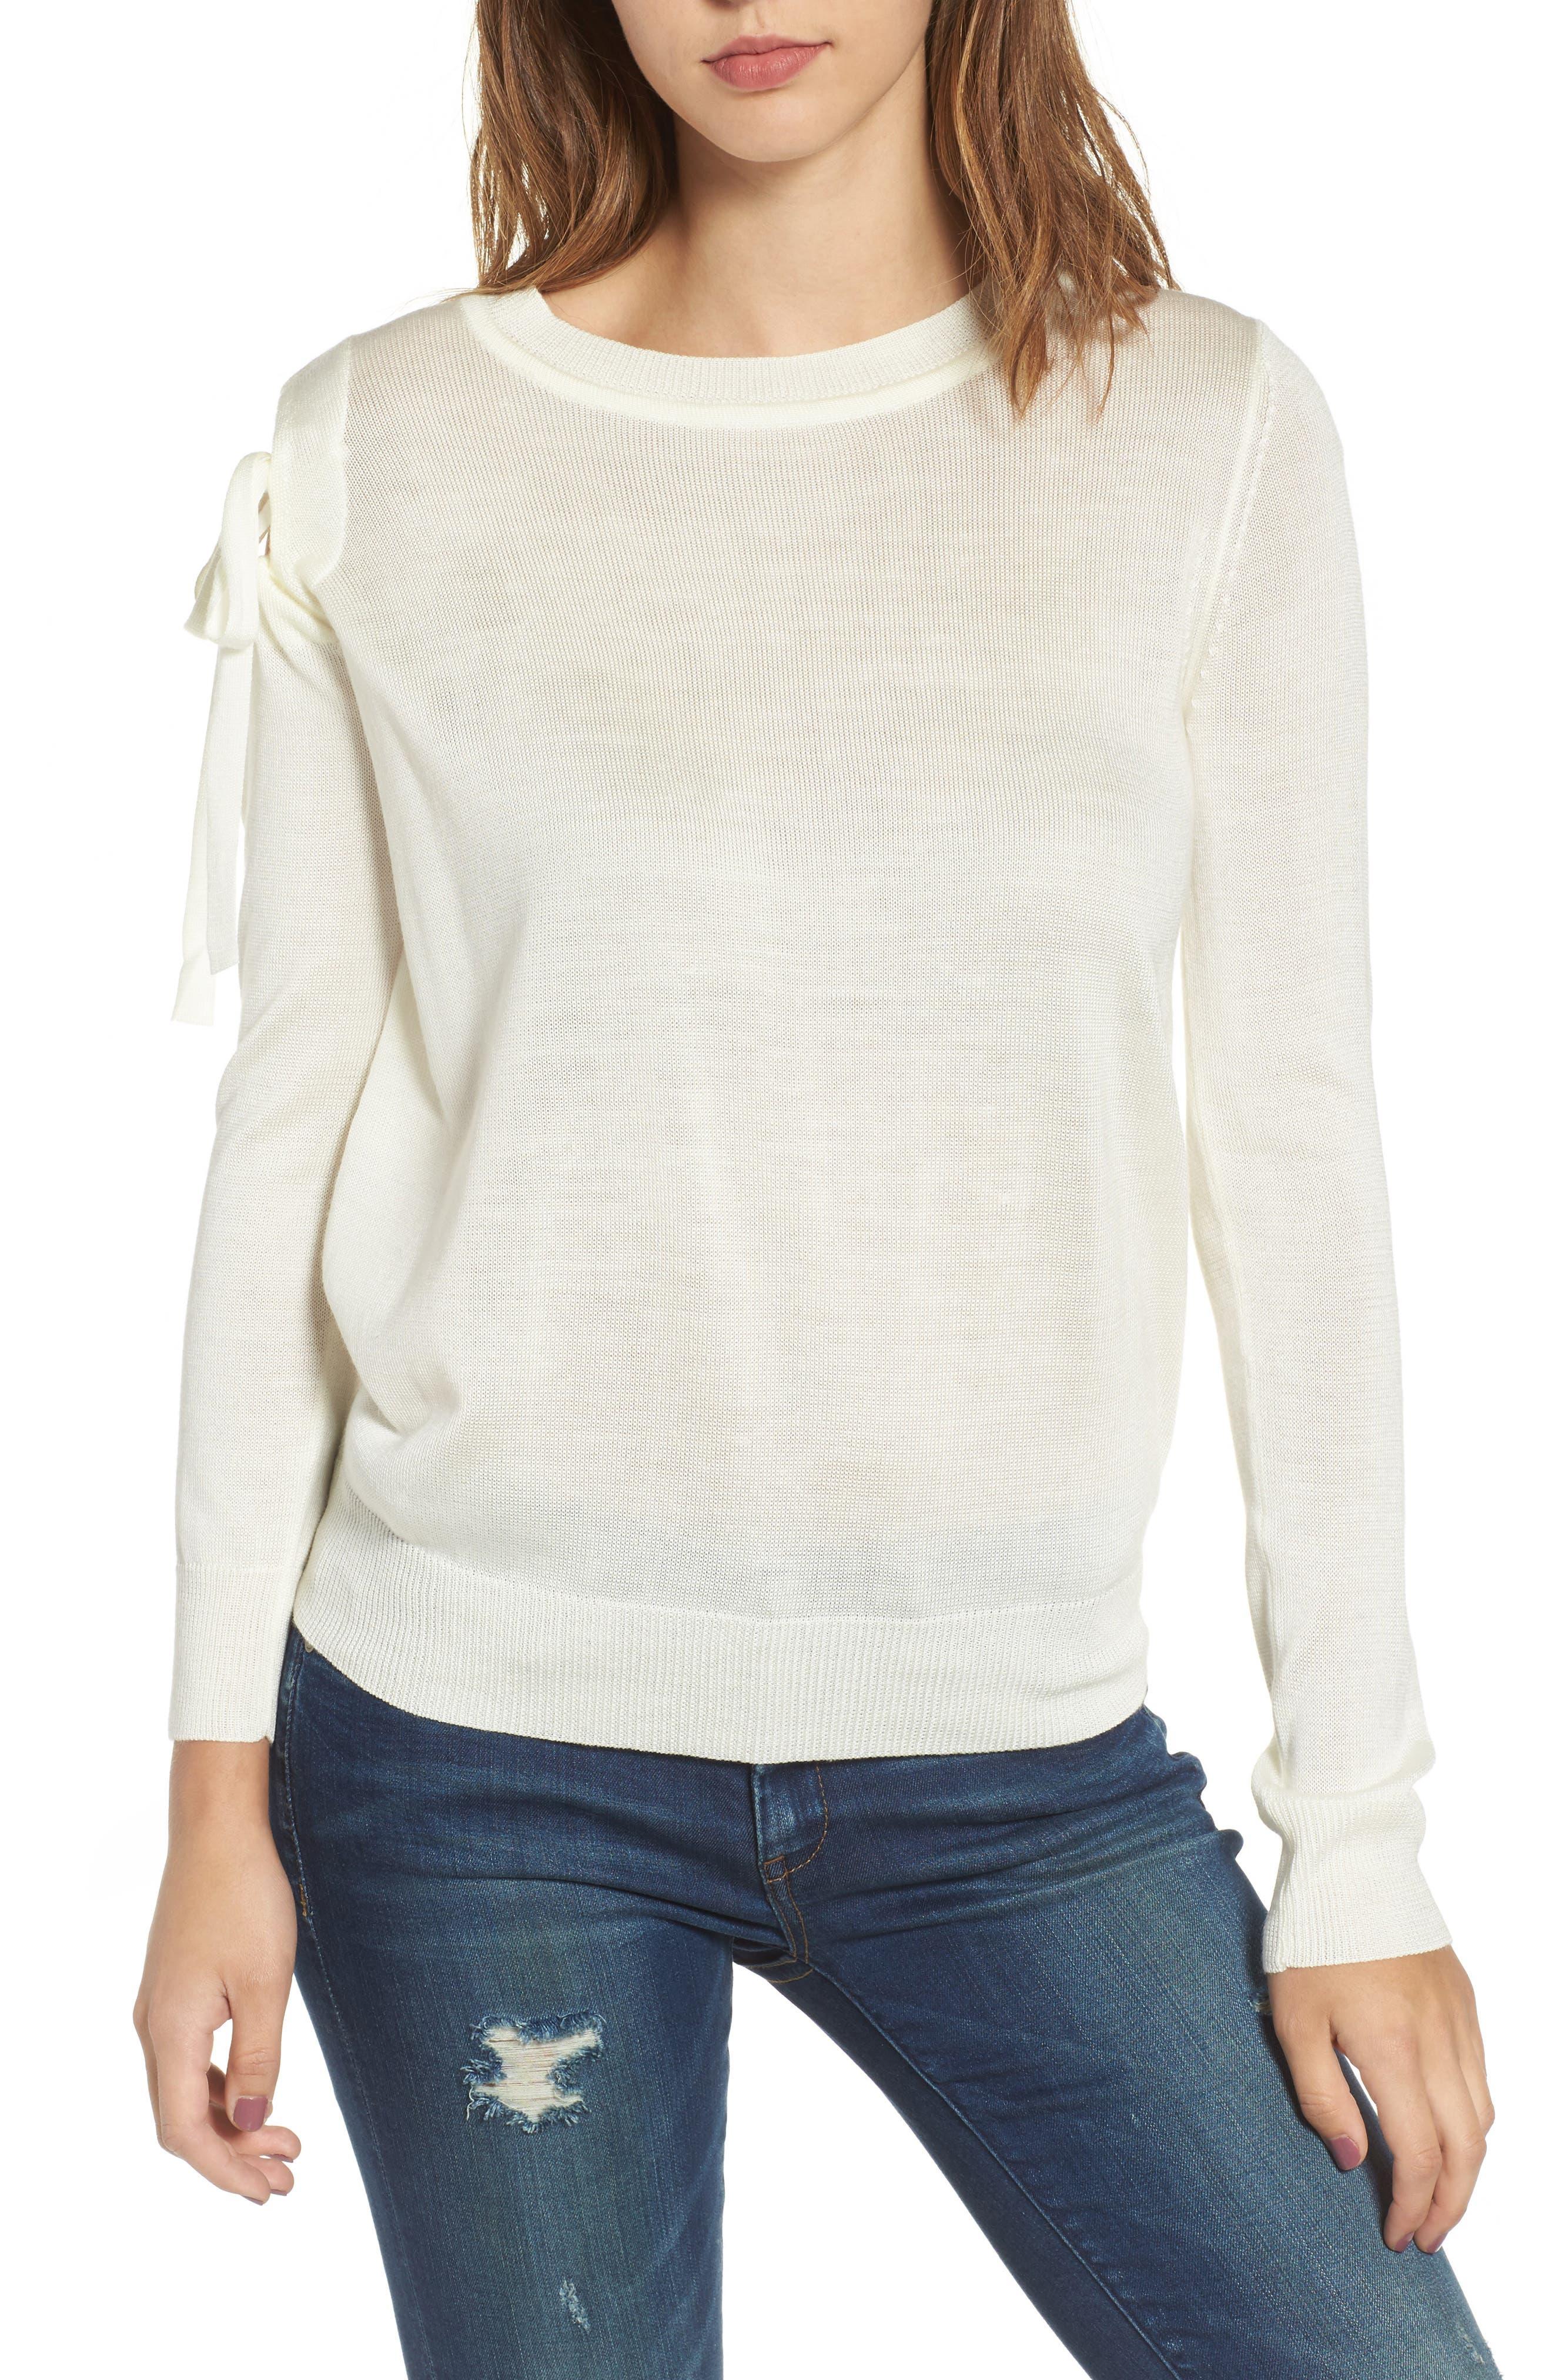 J.O.A. Cutout Sweatshirt